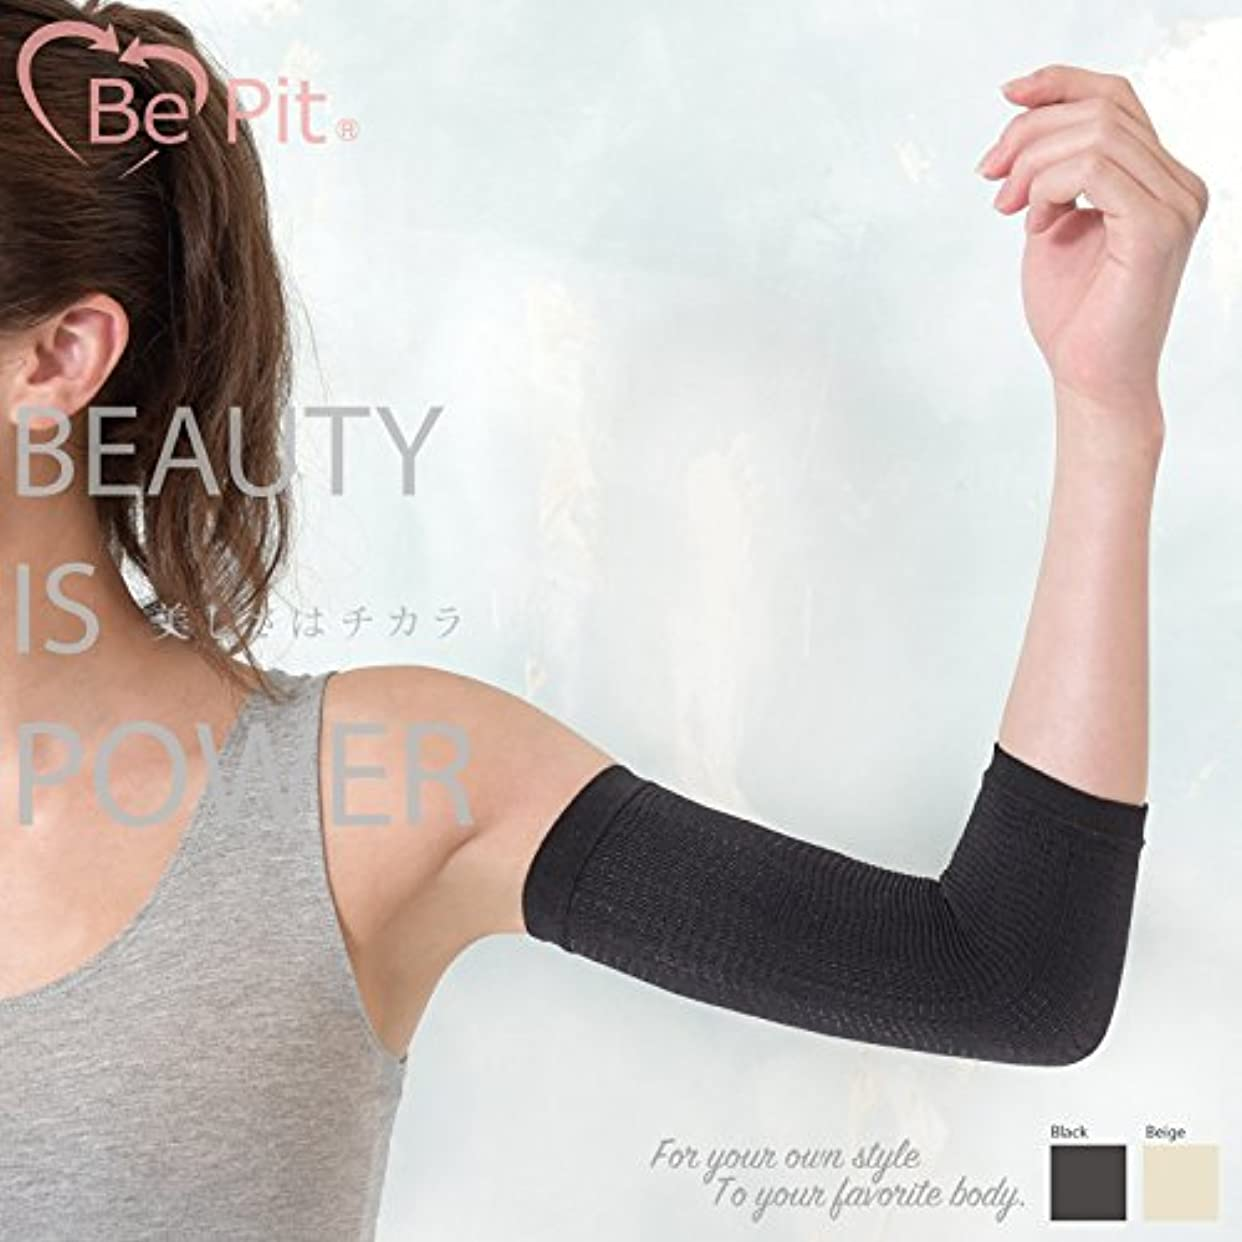 火曜日集中的な我慢する美ピット(Bepit) 二の腕マッサージフィットスパッツ Bepit016 (ベージュ)